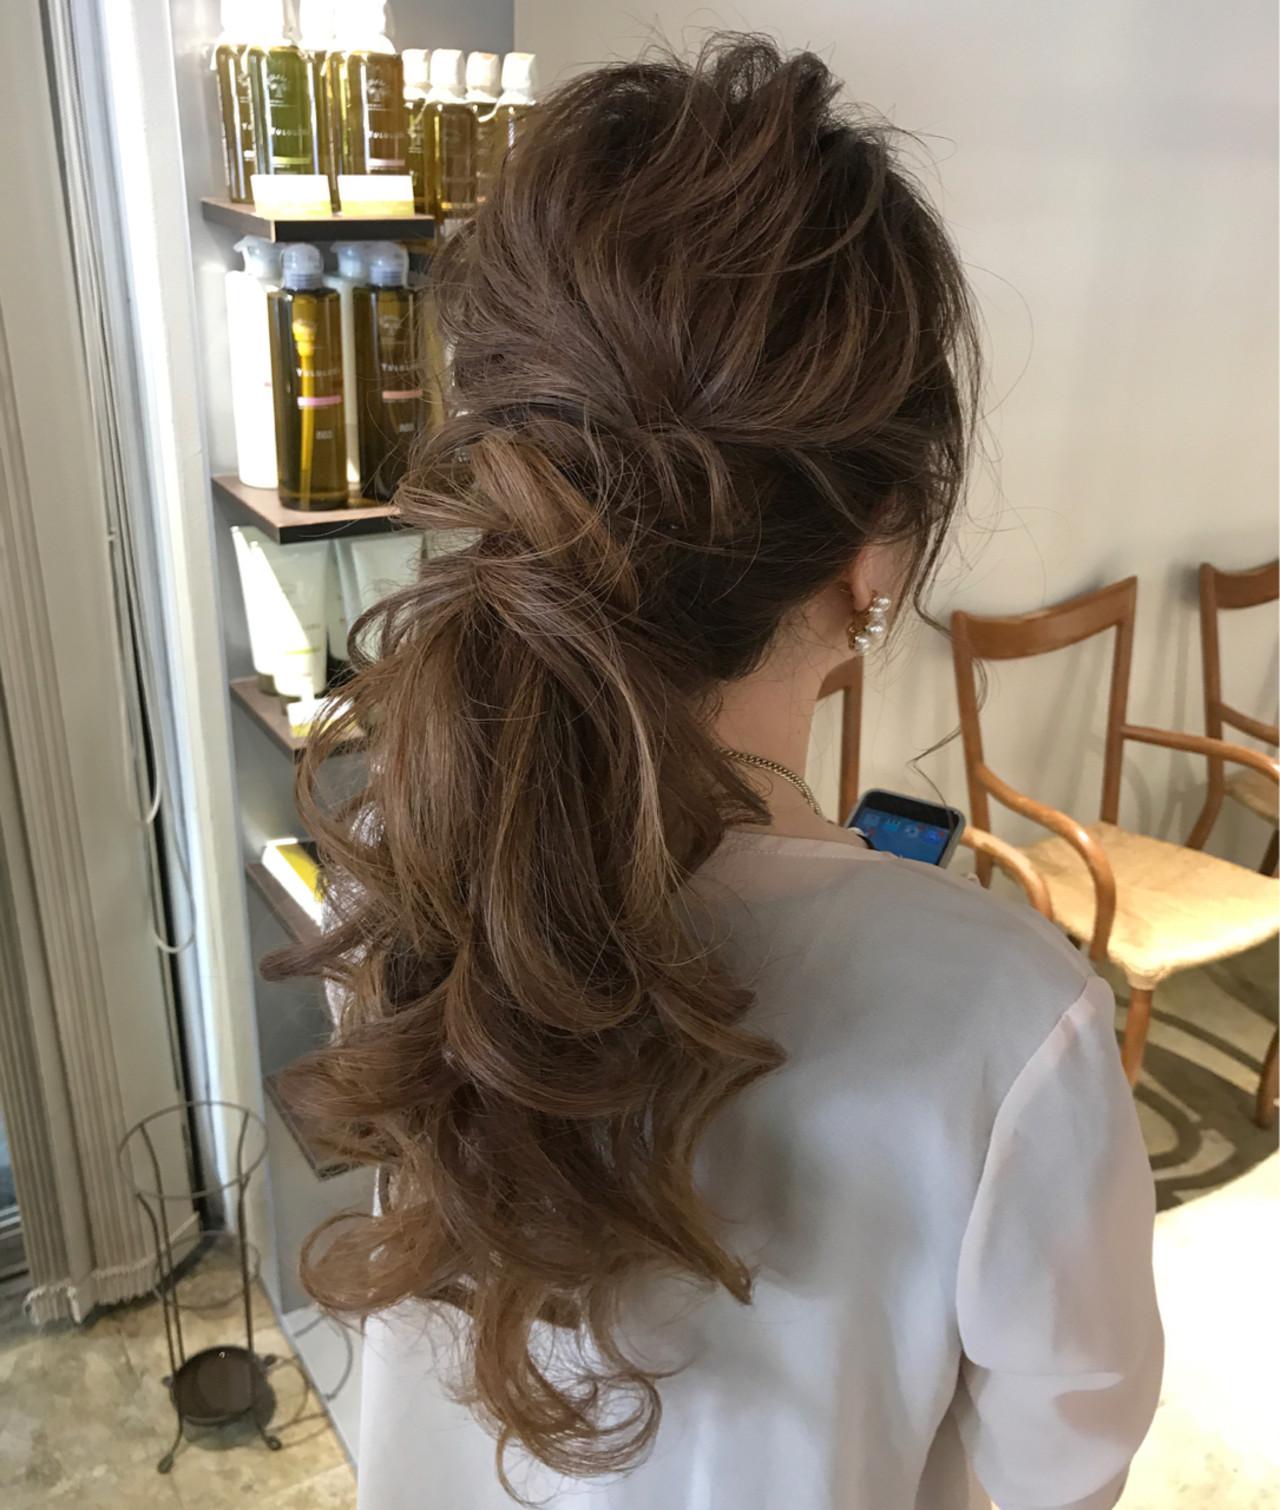 結婚式 ポニーテール 編み込み エレガント|CHERIE hair design